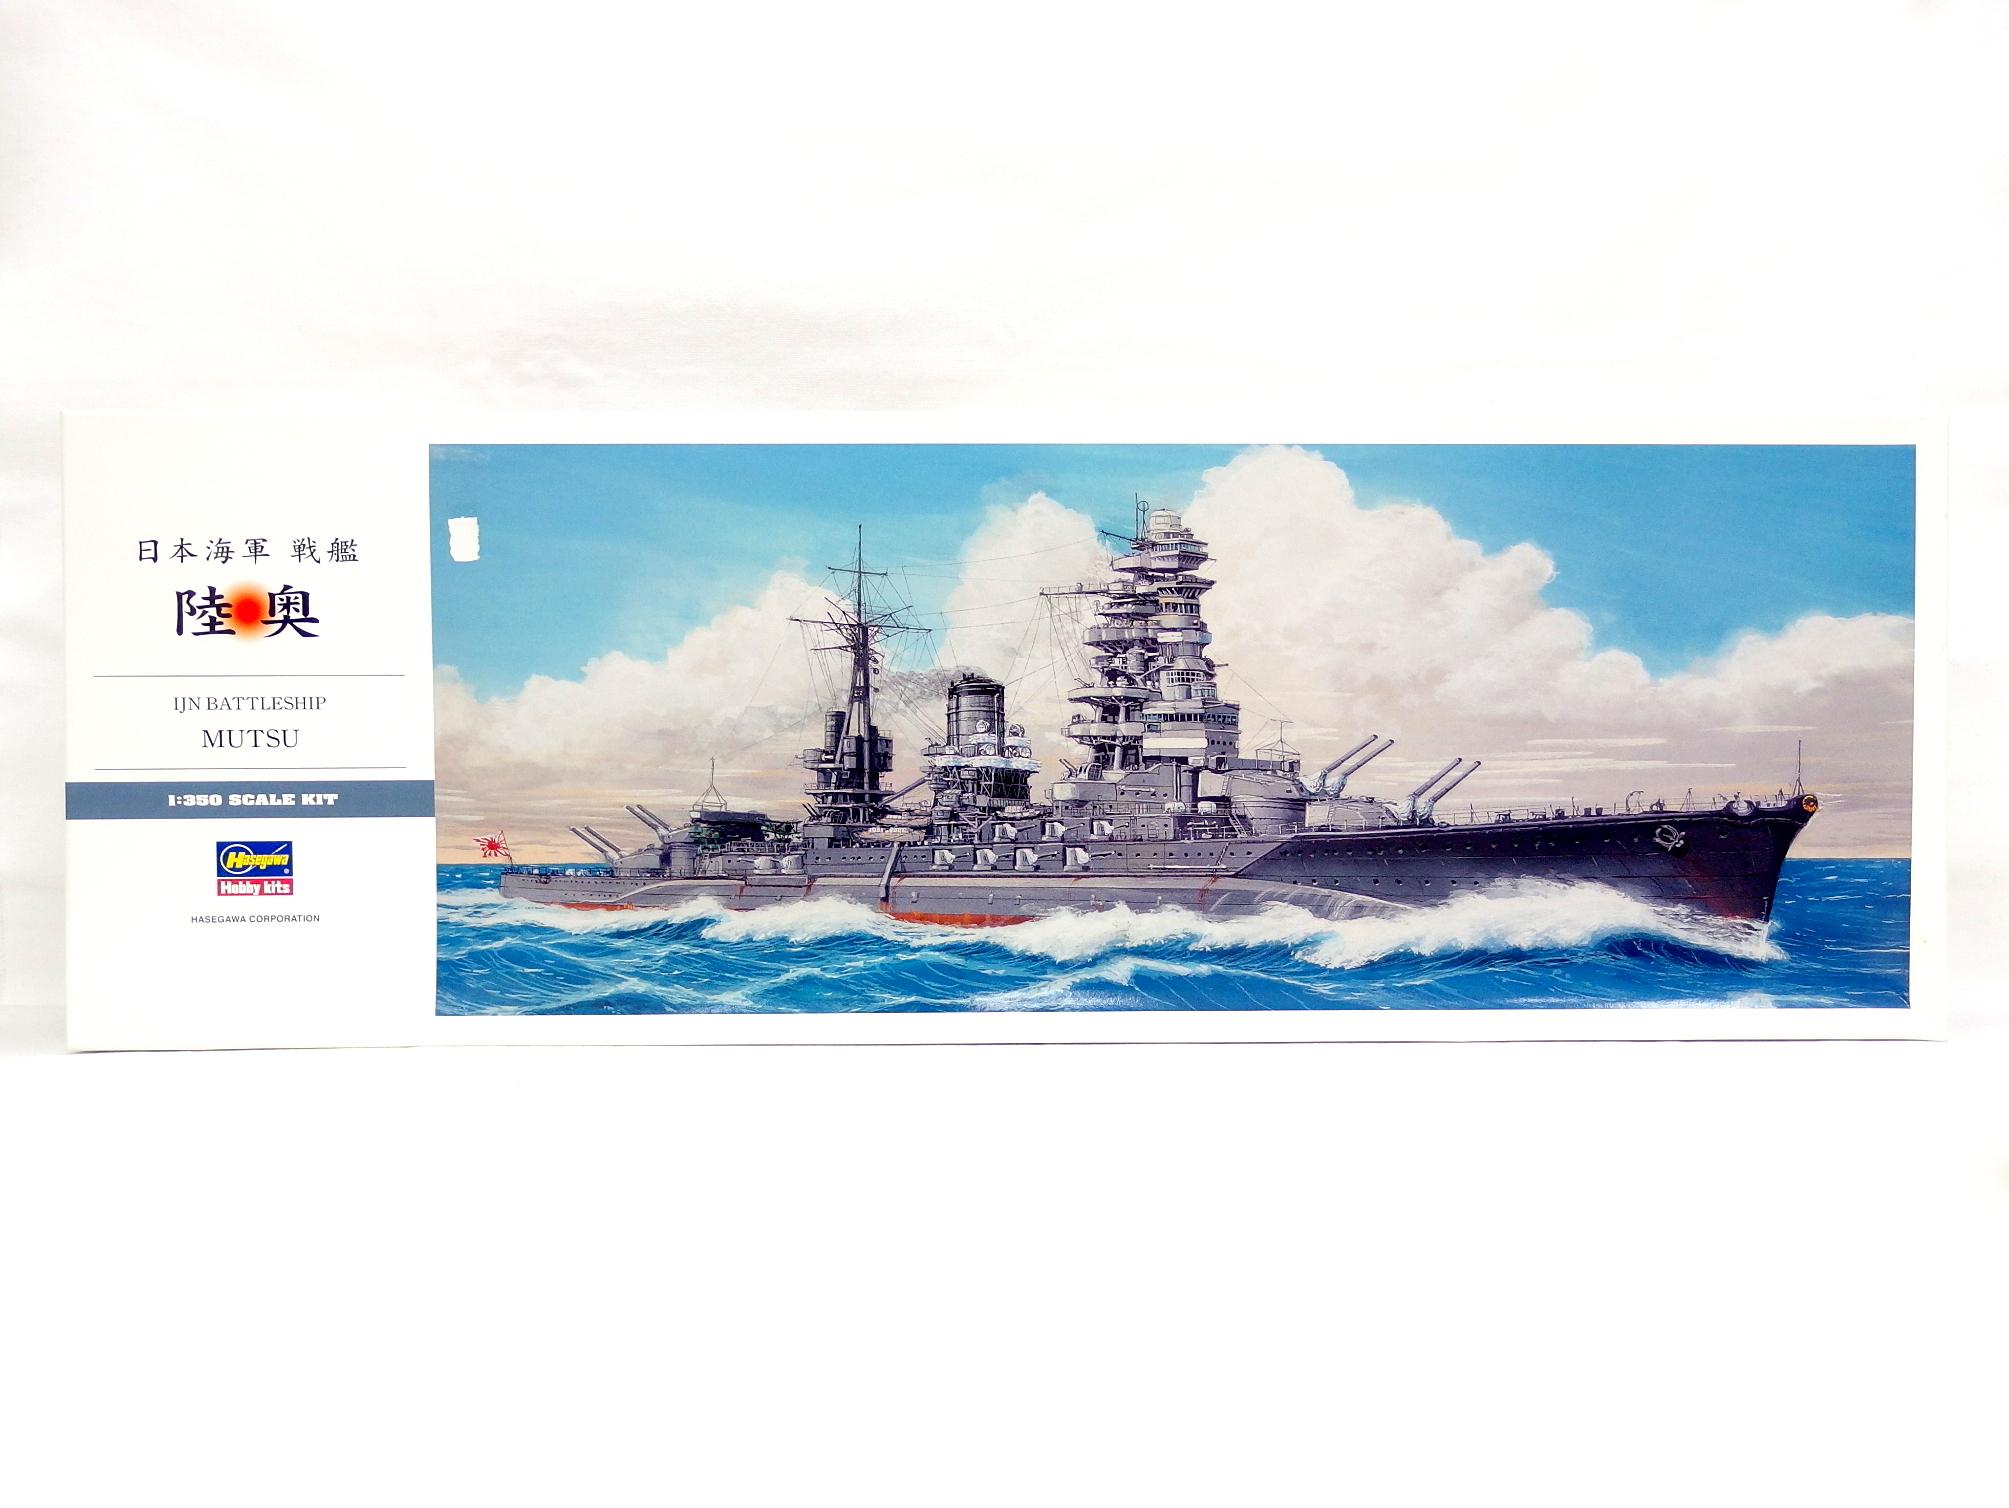 ハセガワ 1/350スケール 日本海軍 戦艦「陸奥」